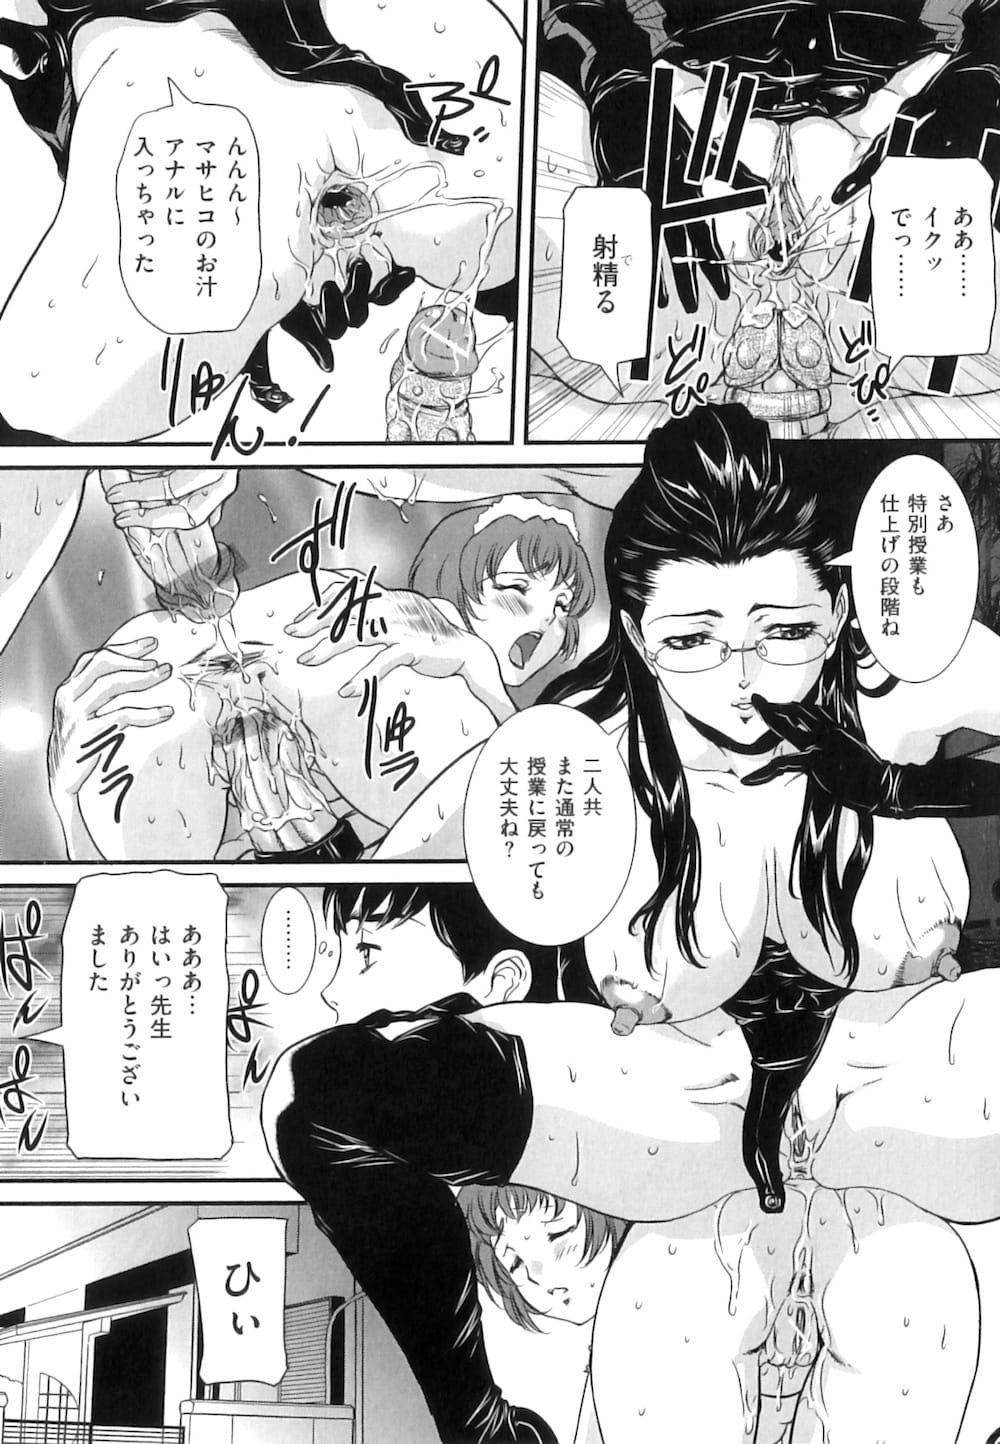 【エロ漫画】教師をしながら学校の生徒を従えている母親に彼女がいることがバレて彼女は輪姦され、自分は母とセックスさせられる! 023